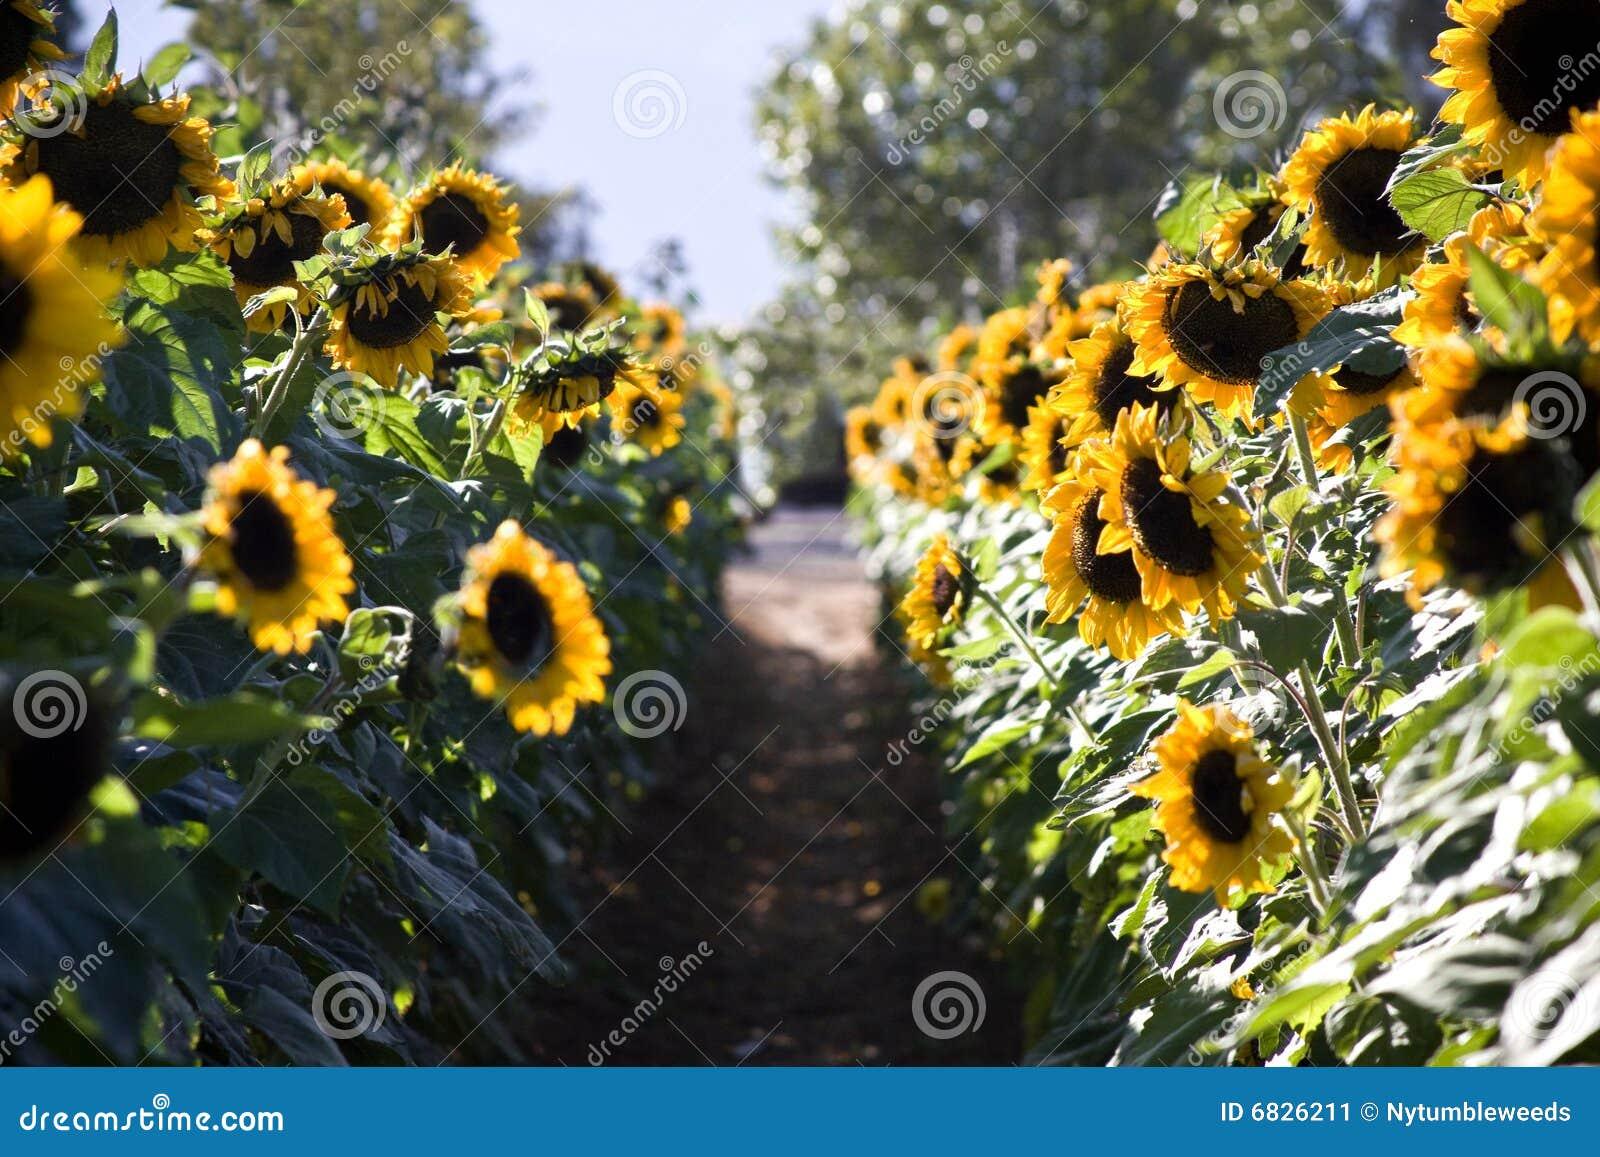 A Sample Sunflower Farming Business Plan Template